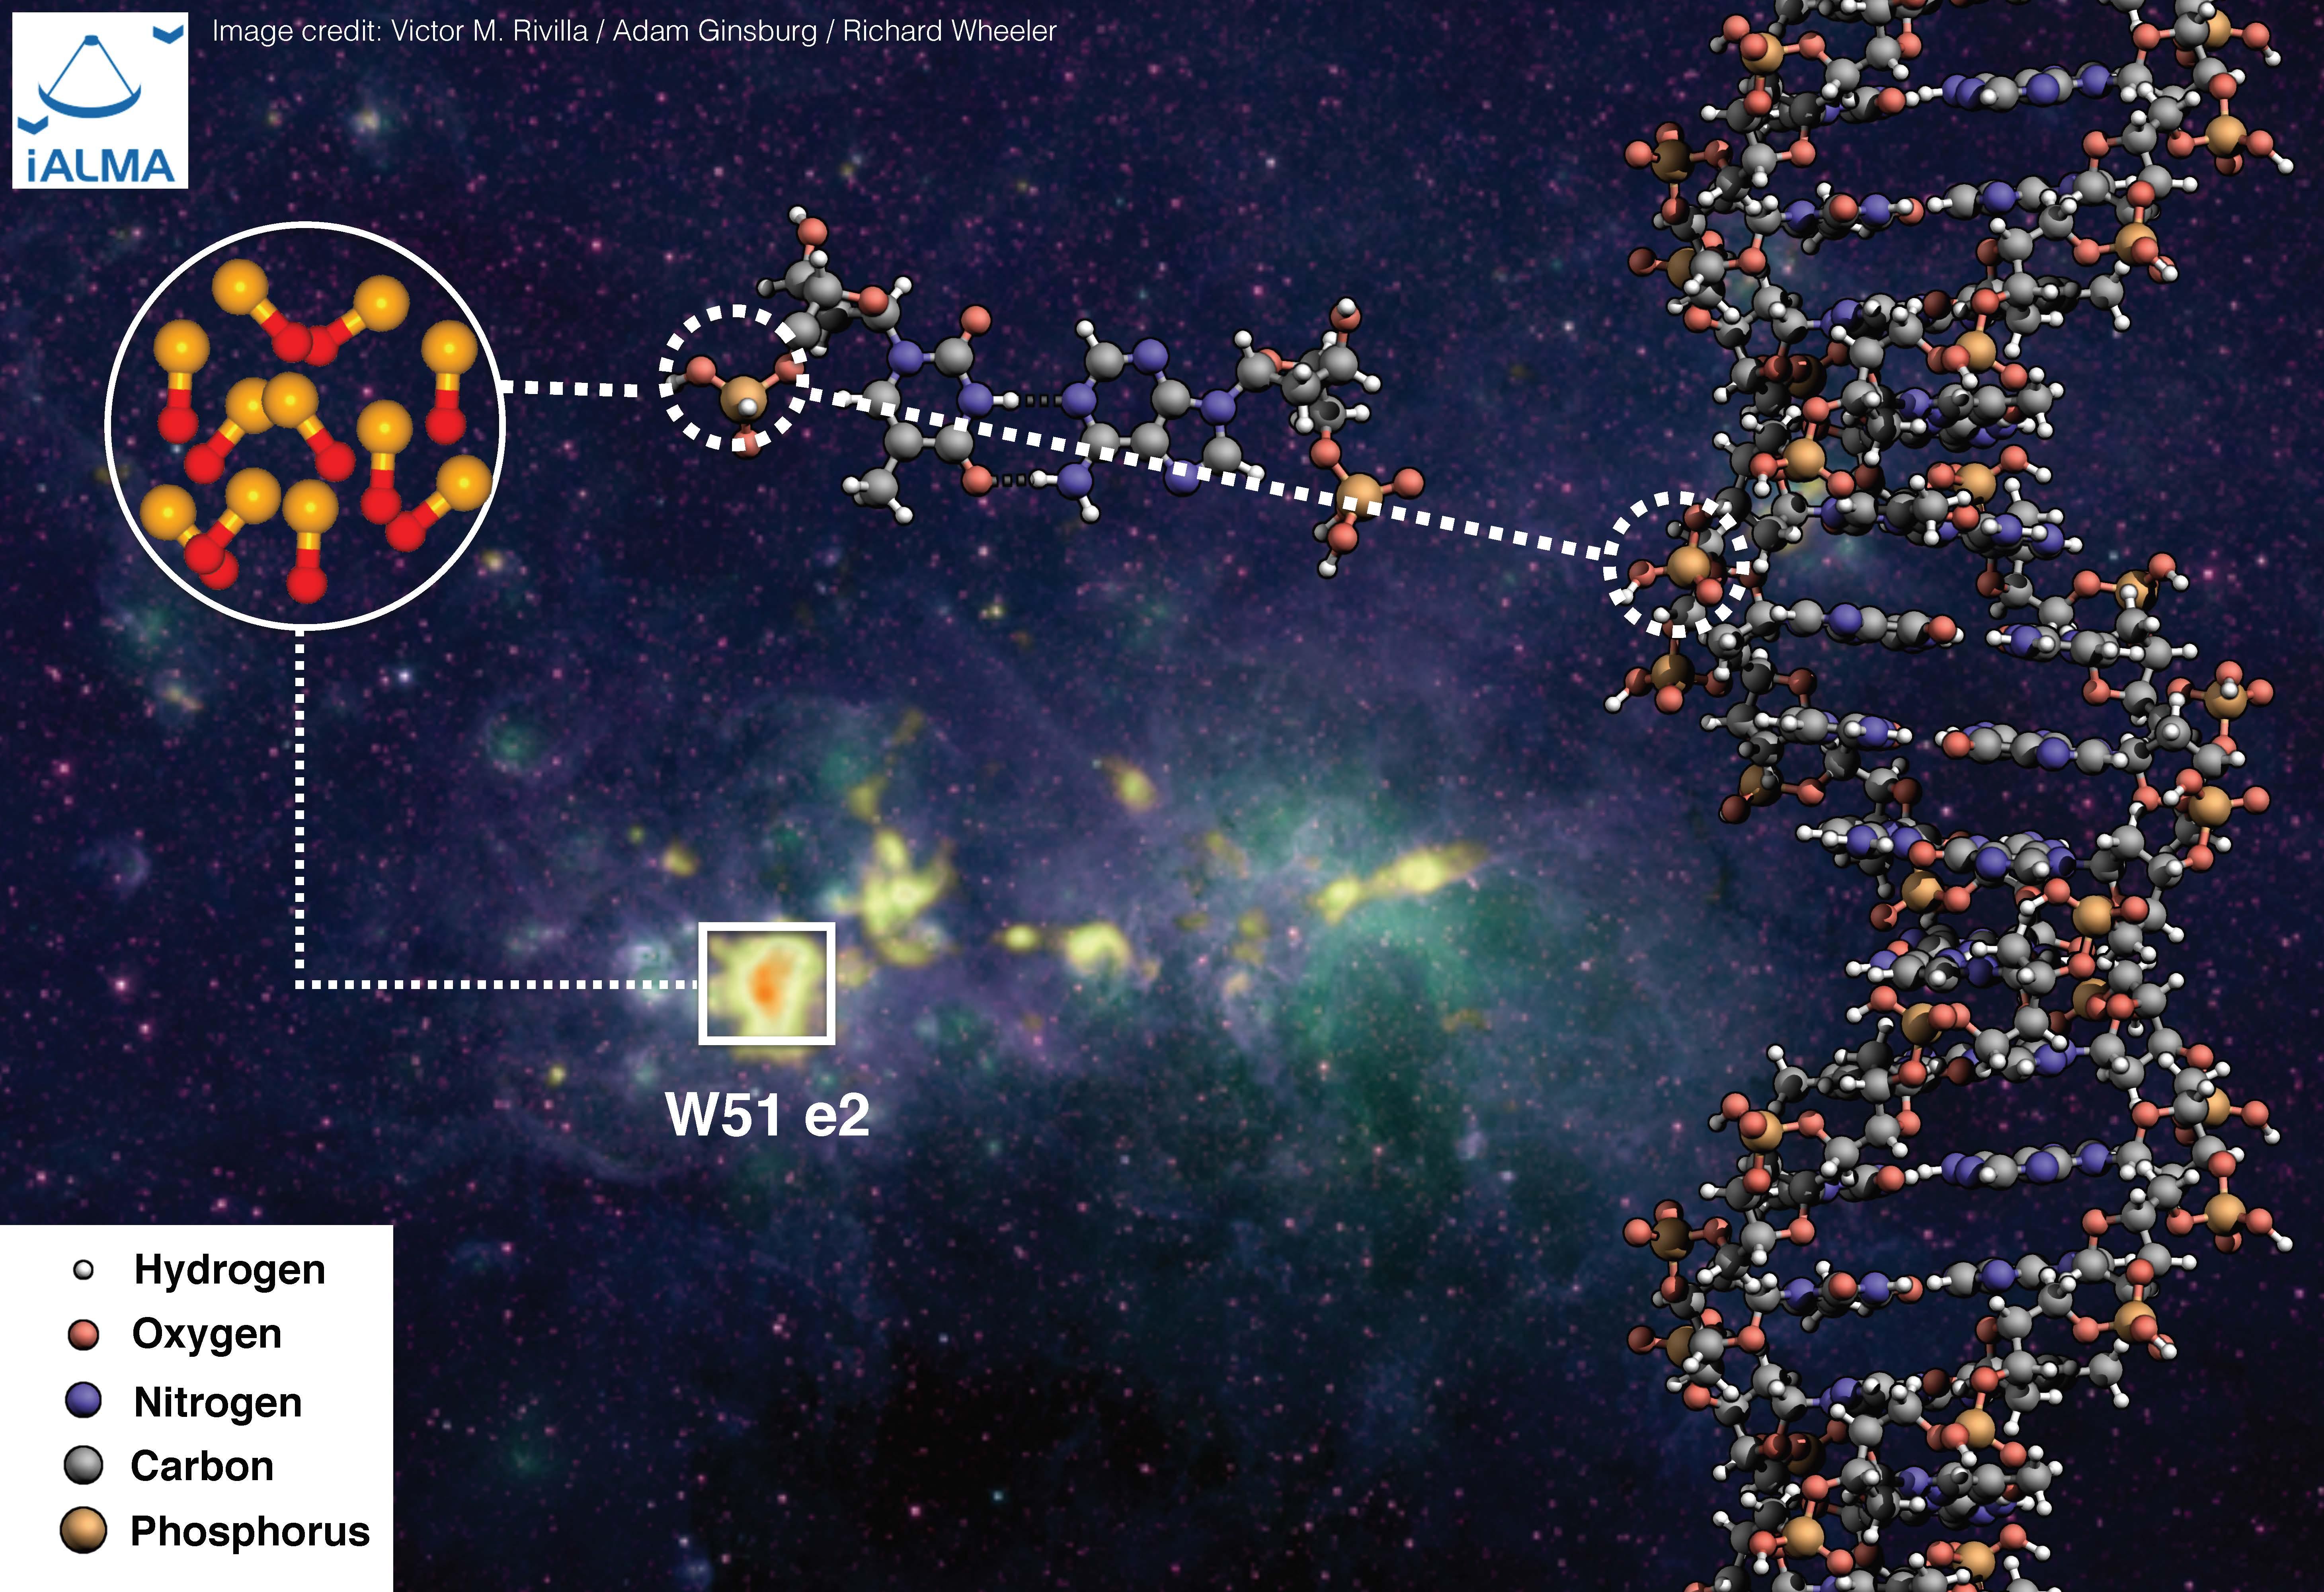 El recuadro de la imagen indica la zona de formación estelar denominada W51 e2, donde se ha descubierto la presencia de moléculas de P-O, que son determinantes para la formación del ADN. Créditos: Víctor M. Rivilla /